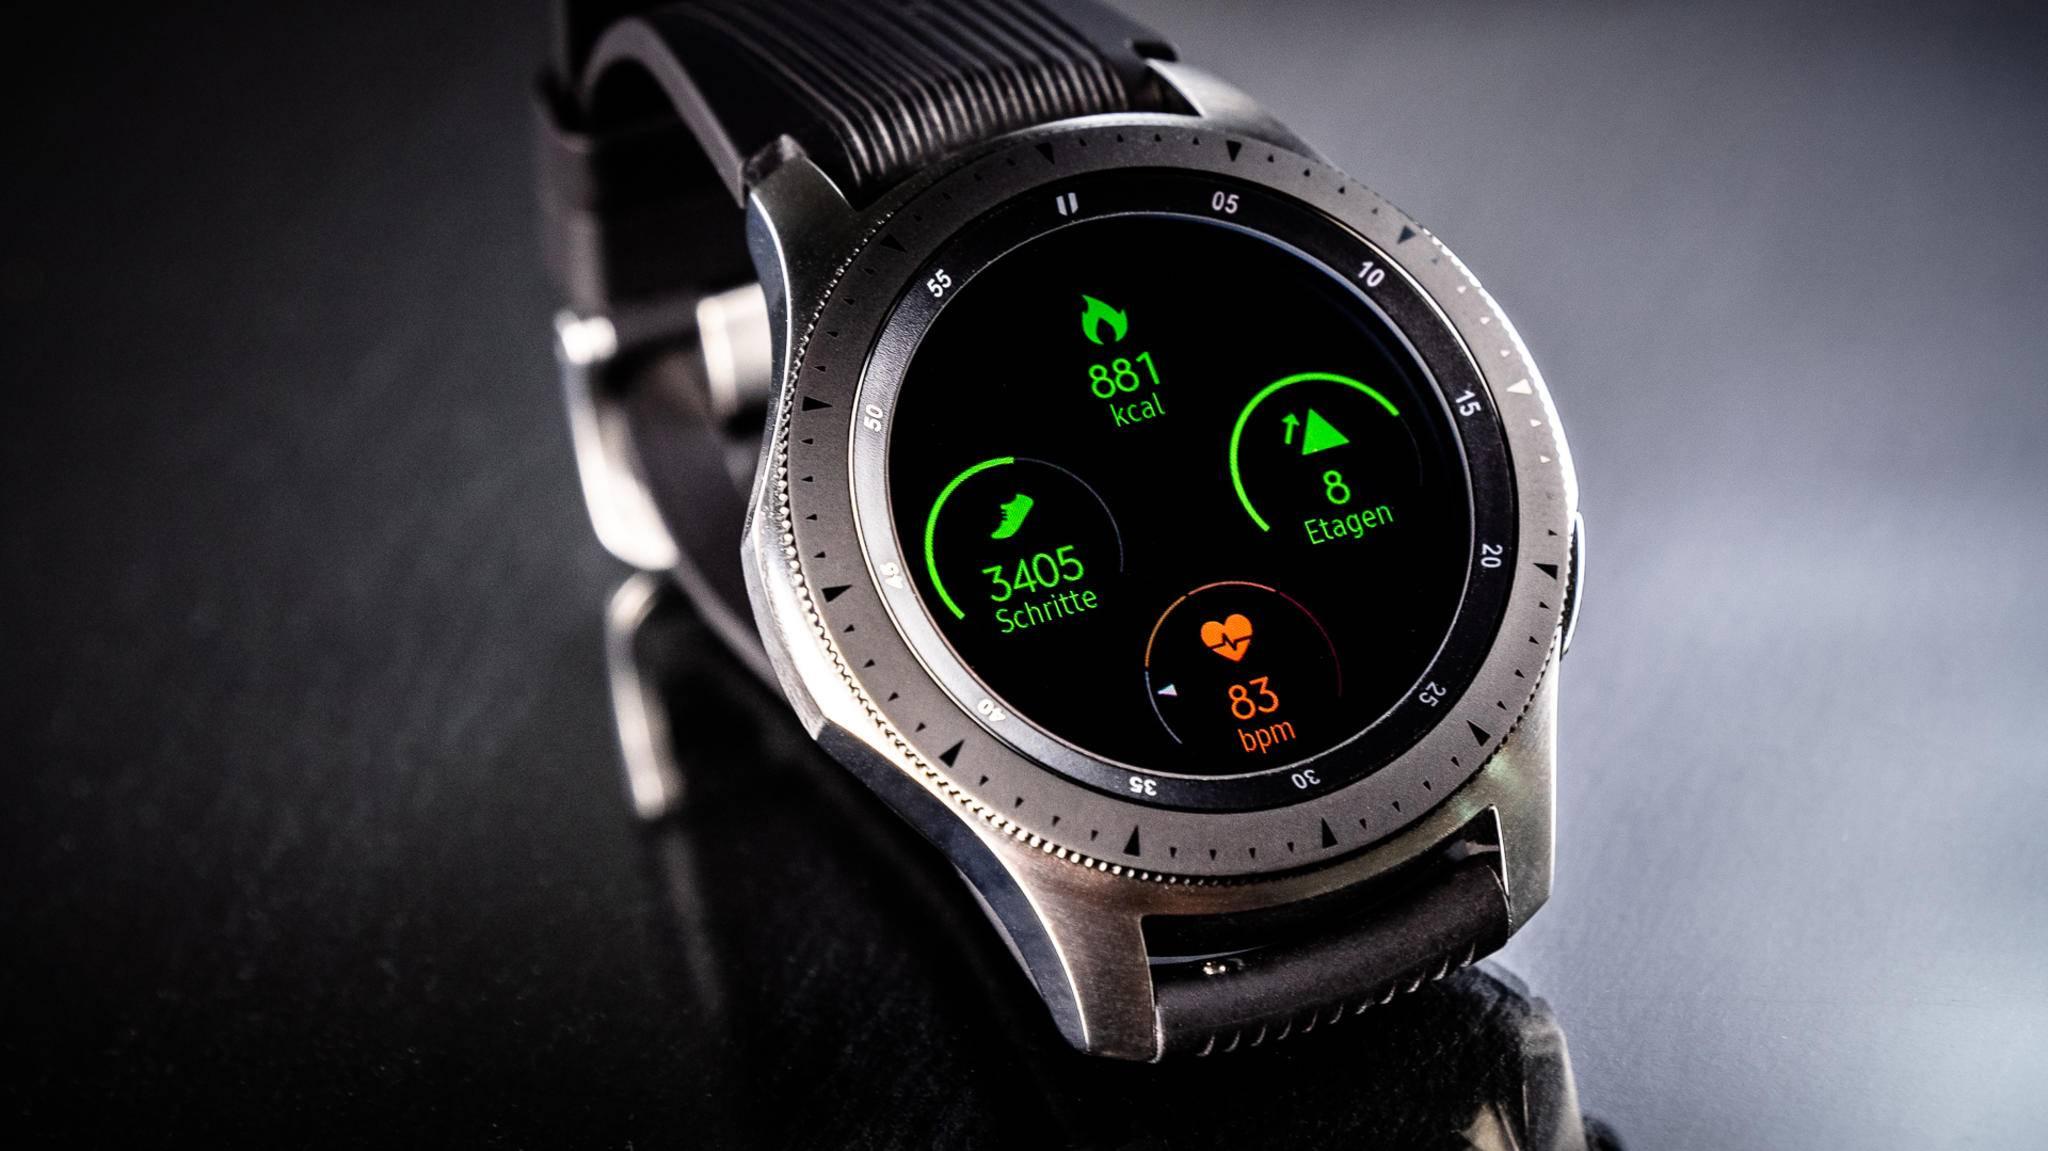 So sah die Galaxy Watch 1 im Jahre 2018 aus.